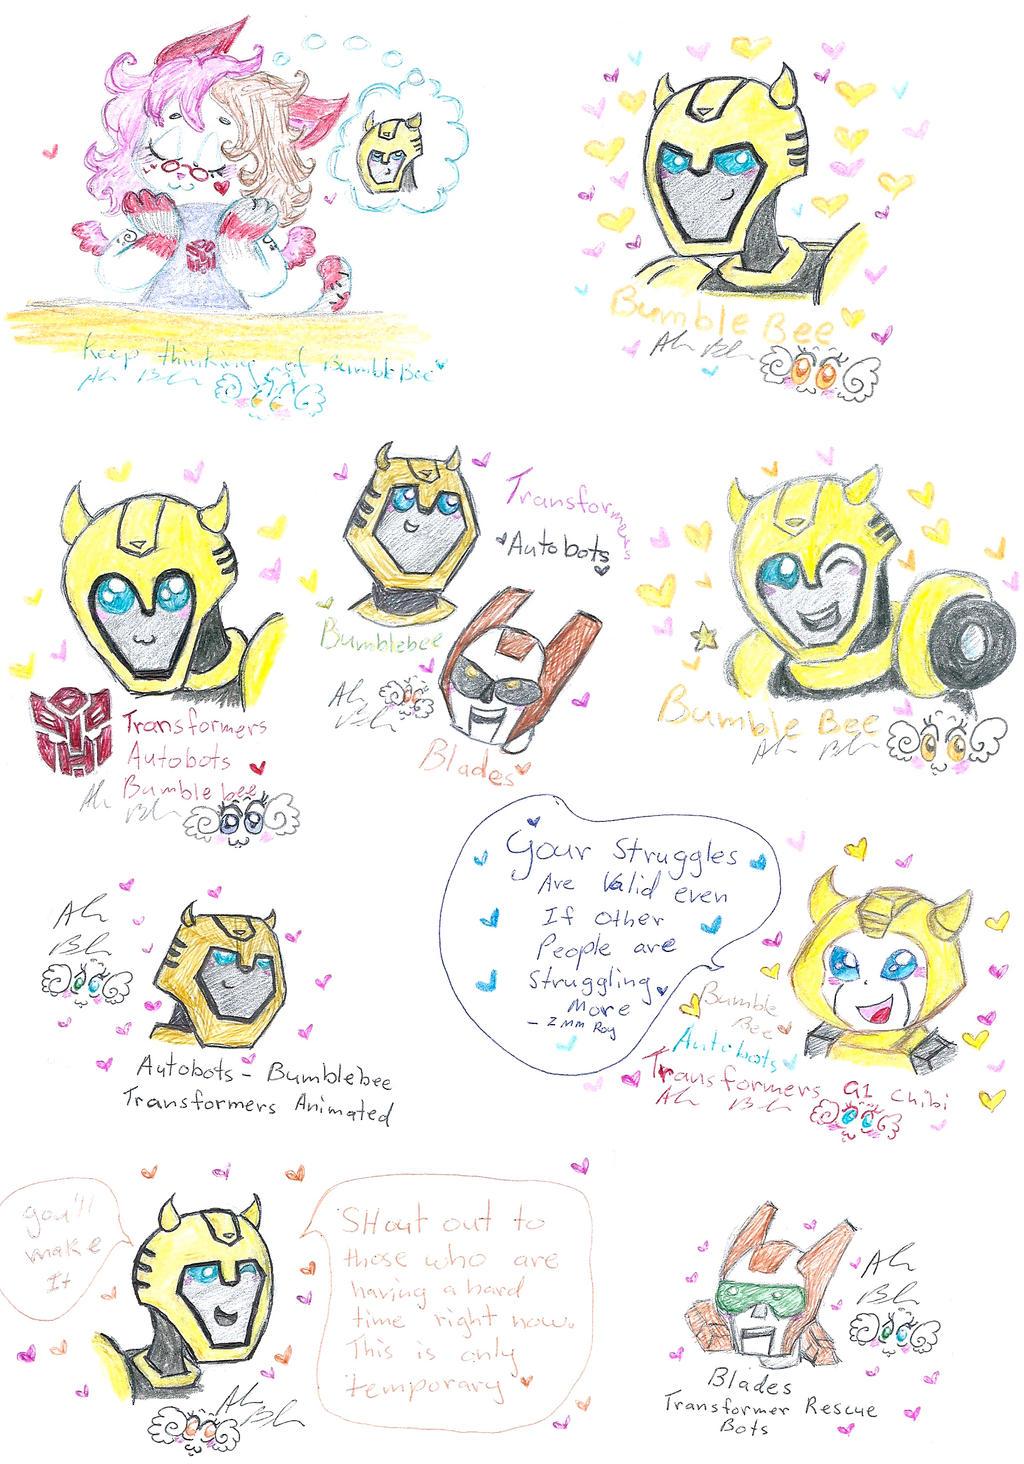 Transformers fanart by Kittychan2005